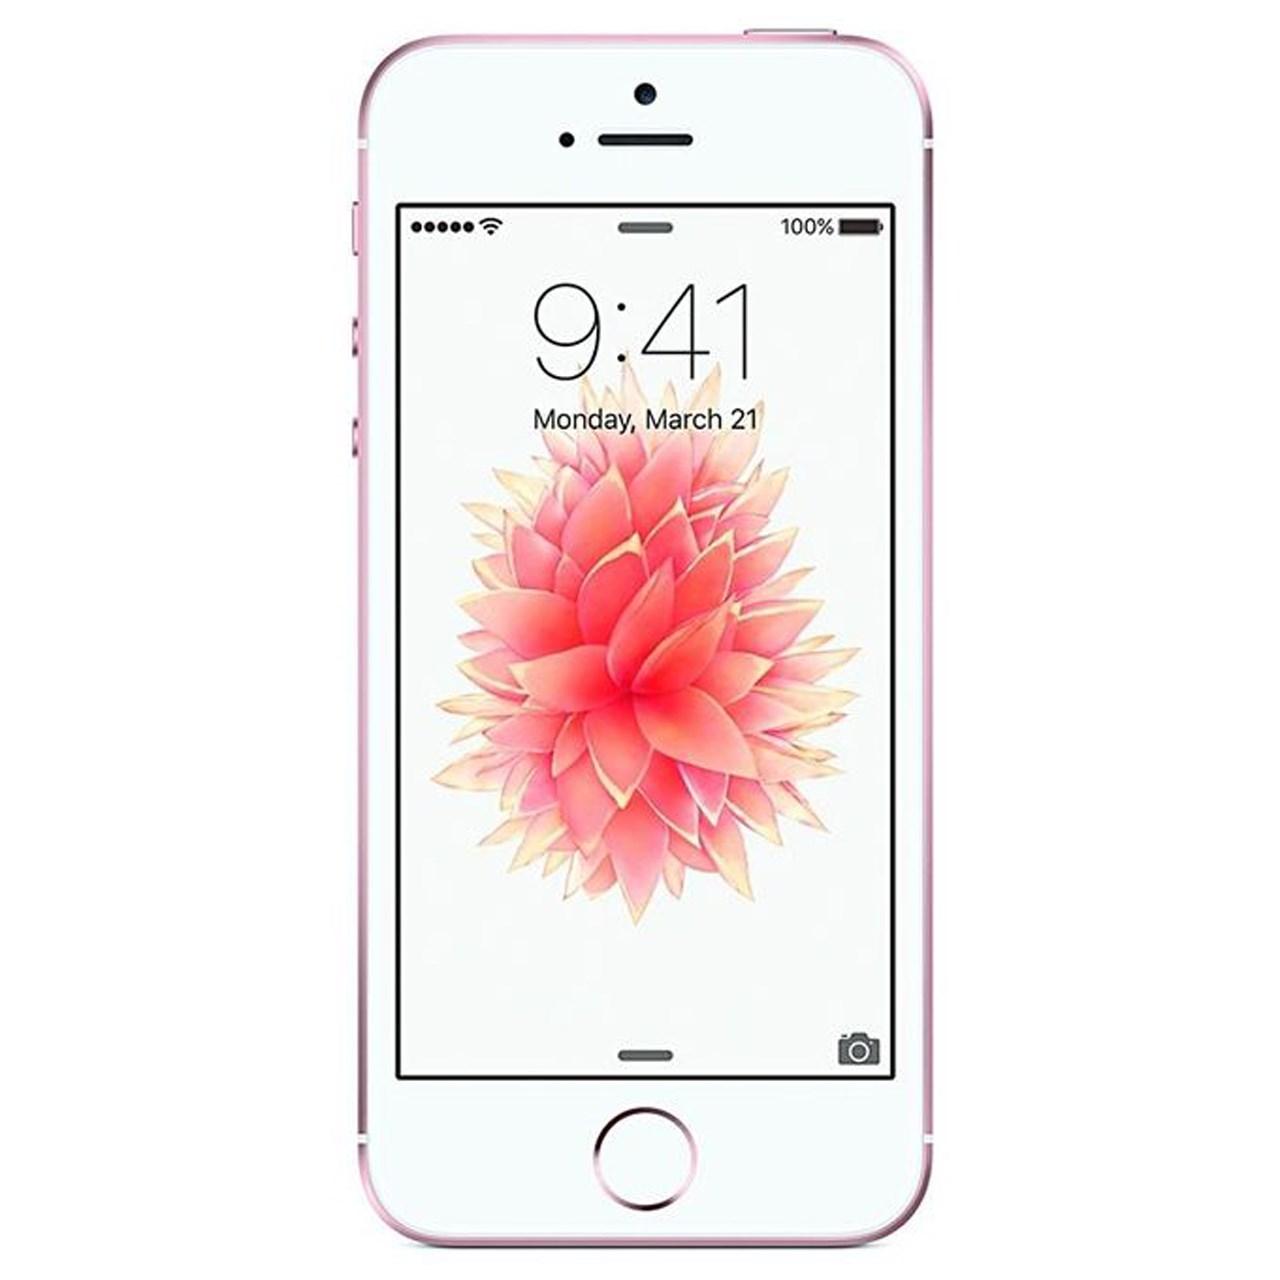 گوشی موبایل اپل مدل iPhone SE ظرفیت 64 گیگابایت به همراه 20 گیگابایت اینترنت همراه اول